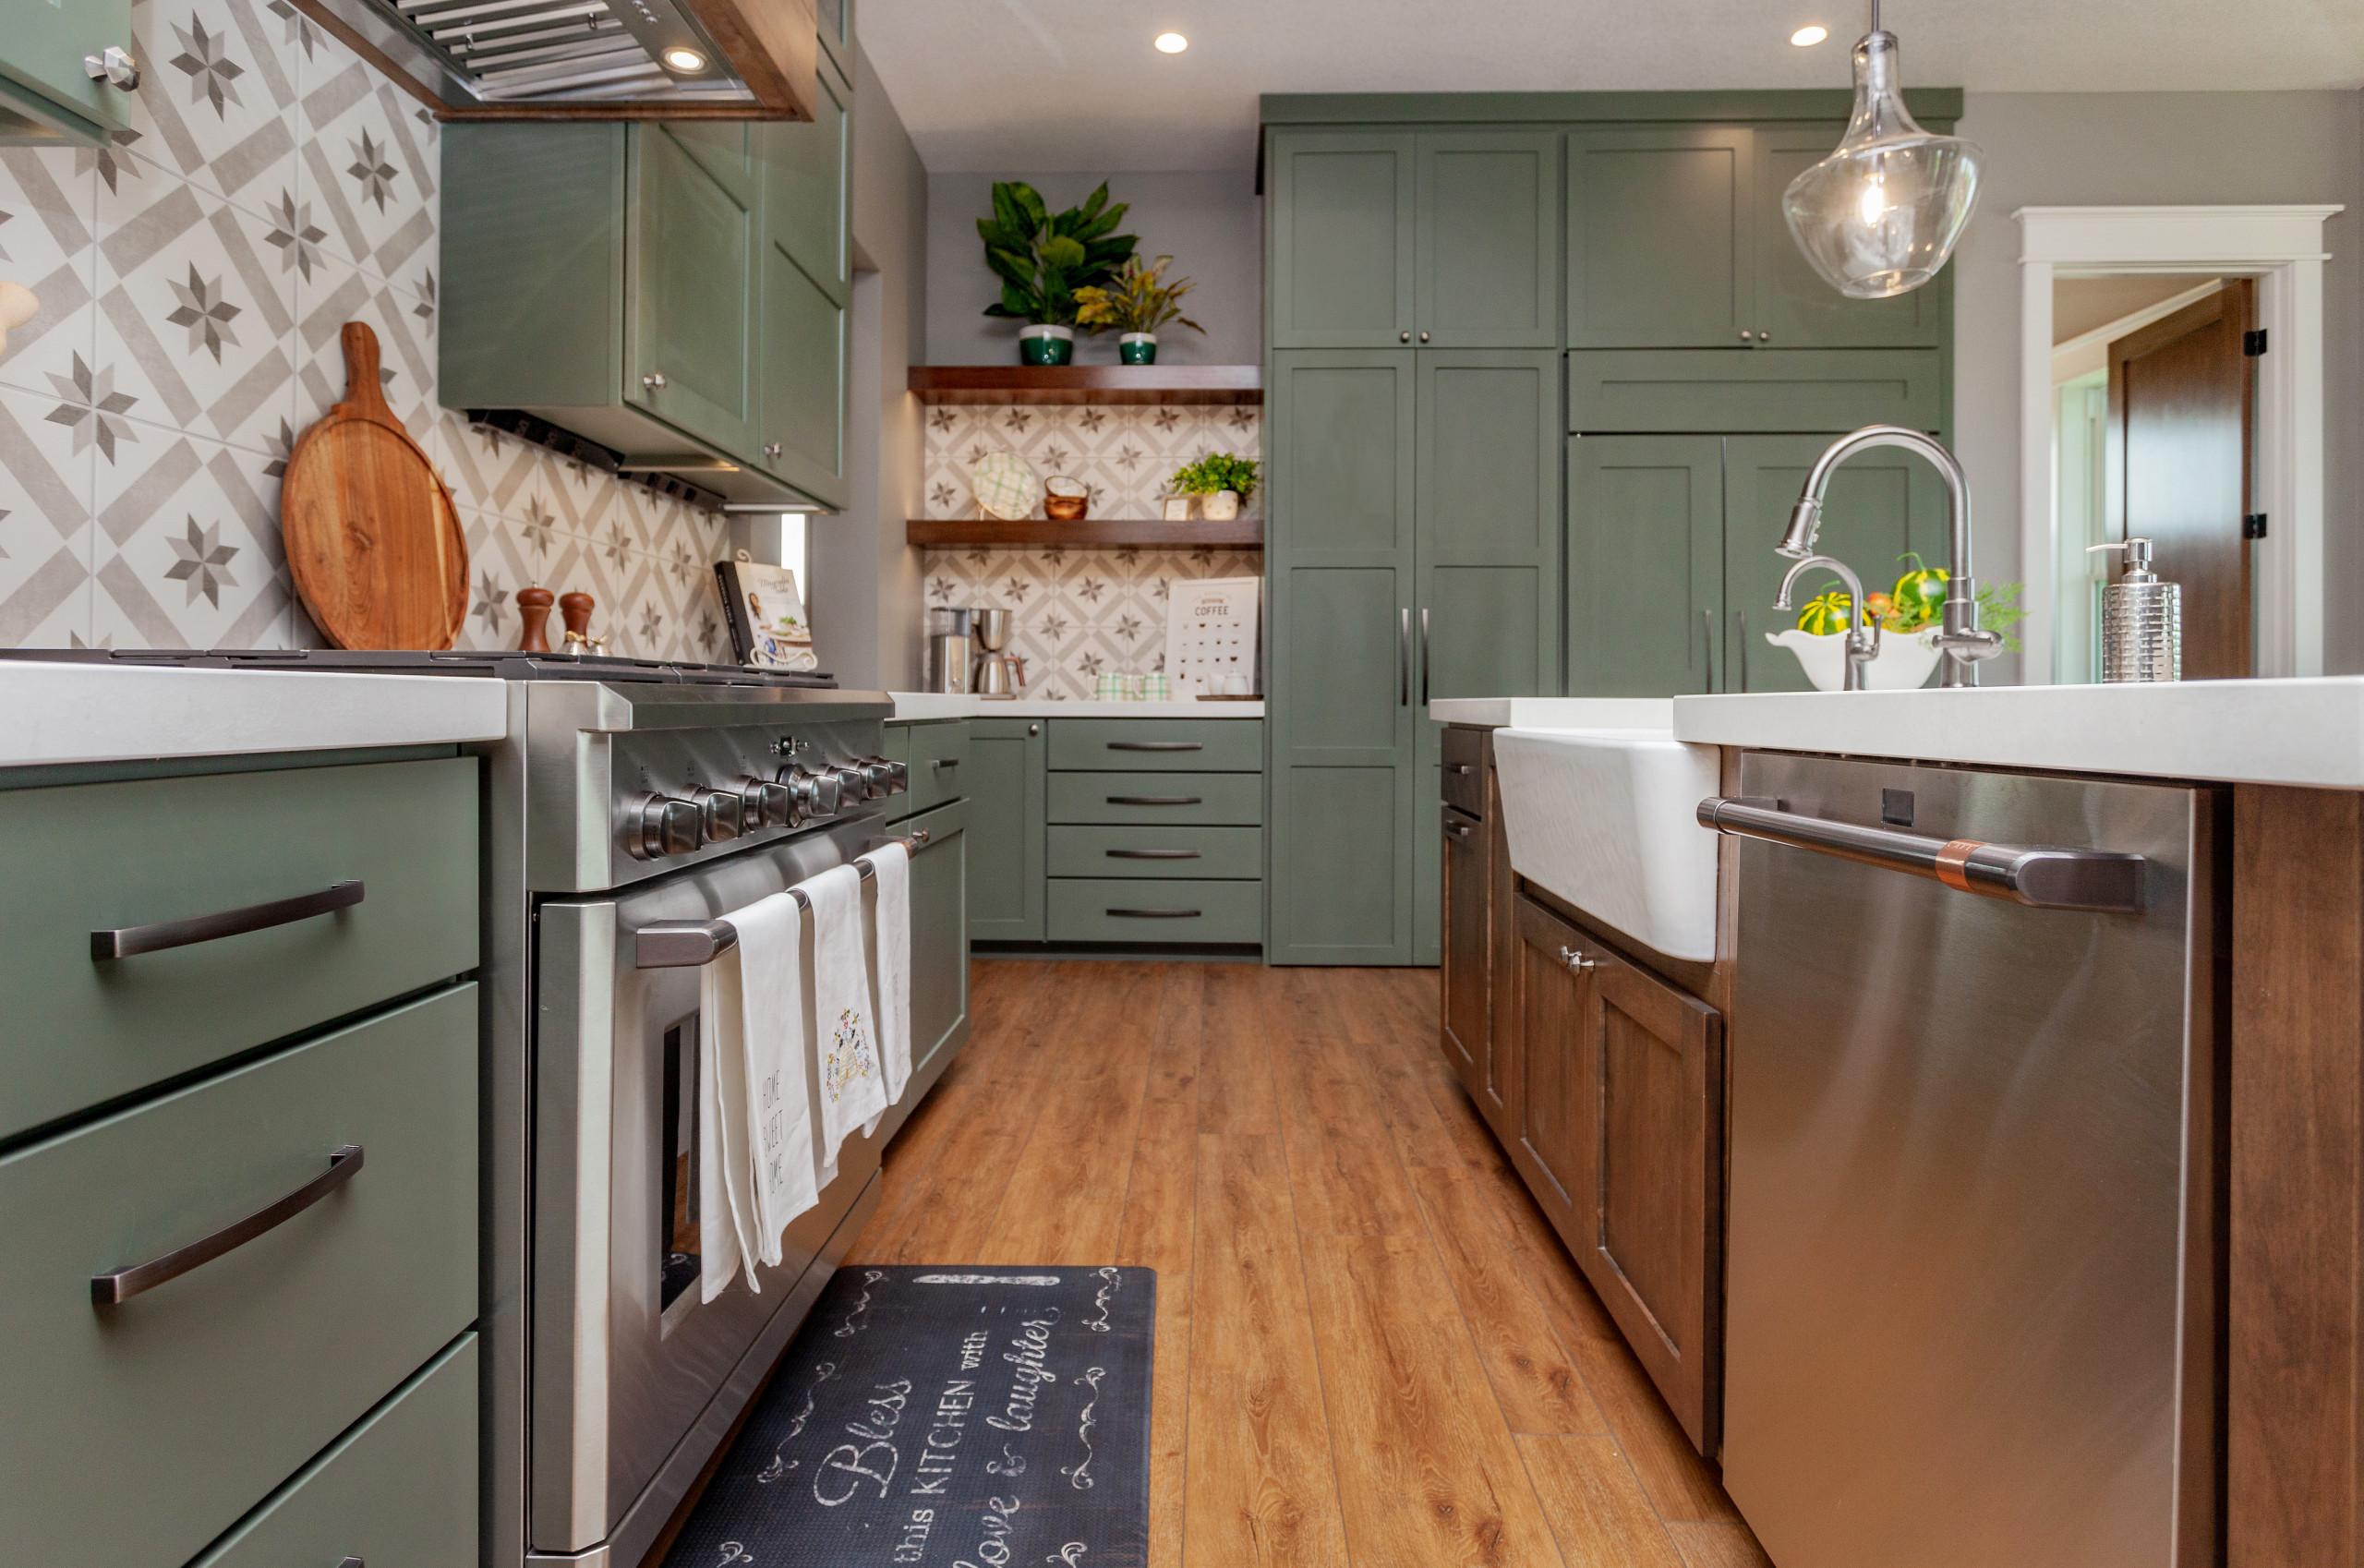 2021 Award Winning Home Show Riverton Plan